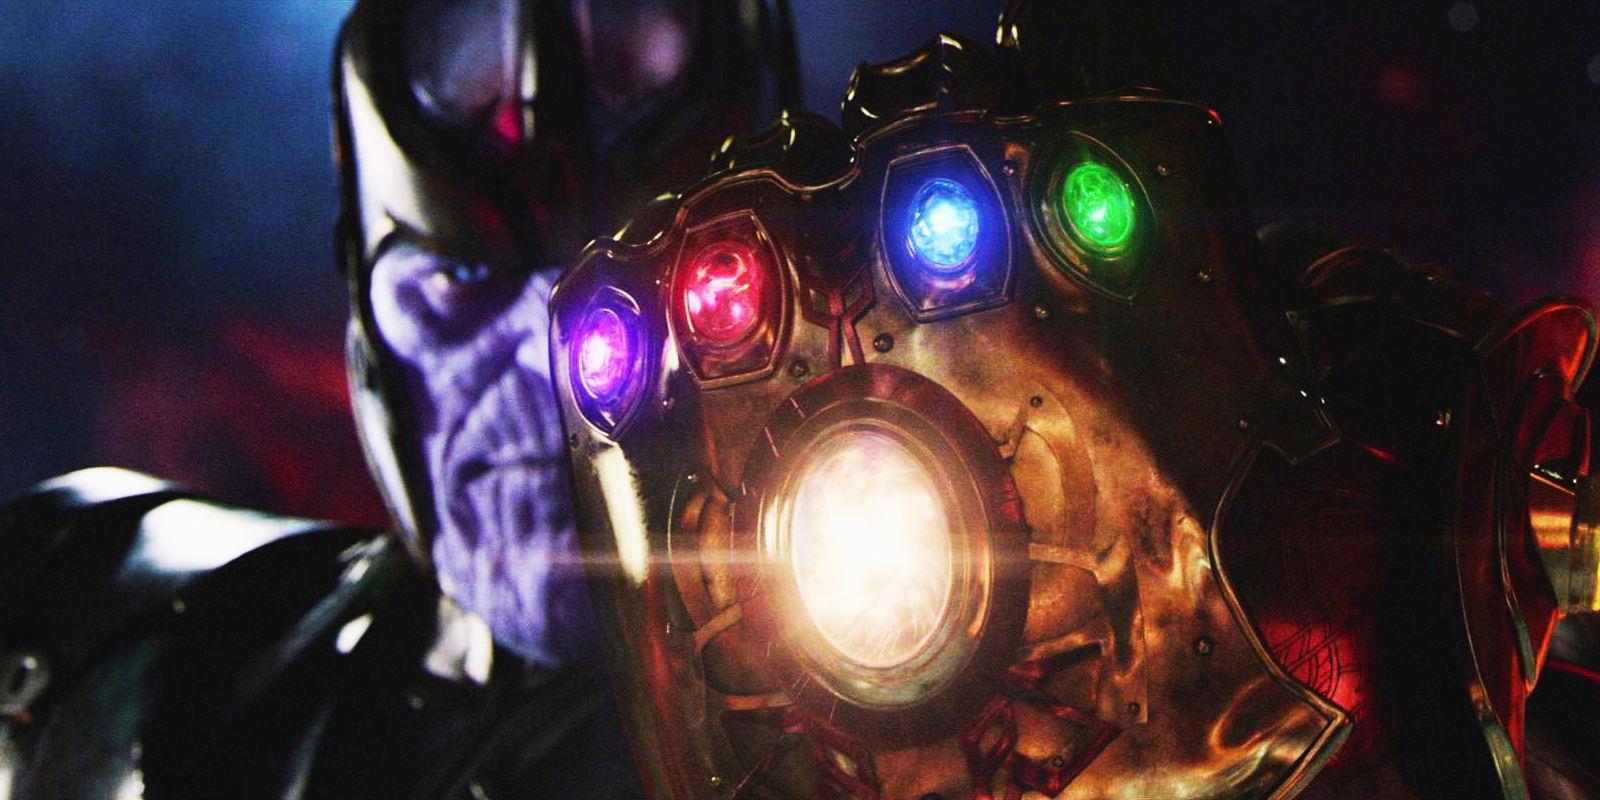 Il villain del film è pronto, in questa scena tratta da film passati, a battersi contro gli eroi Marvel.